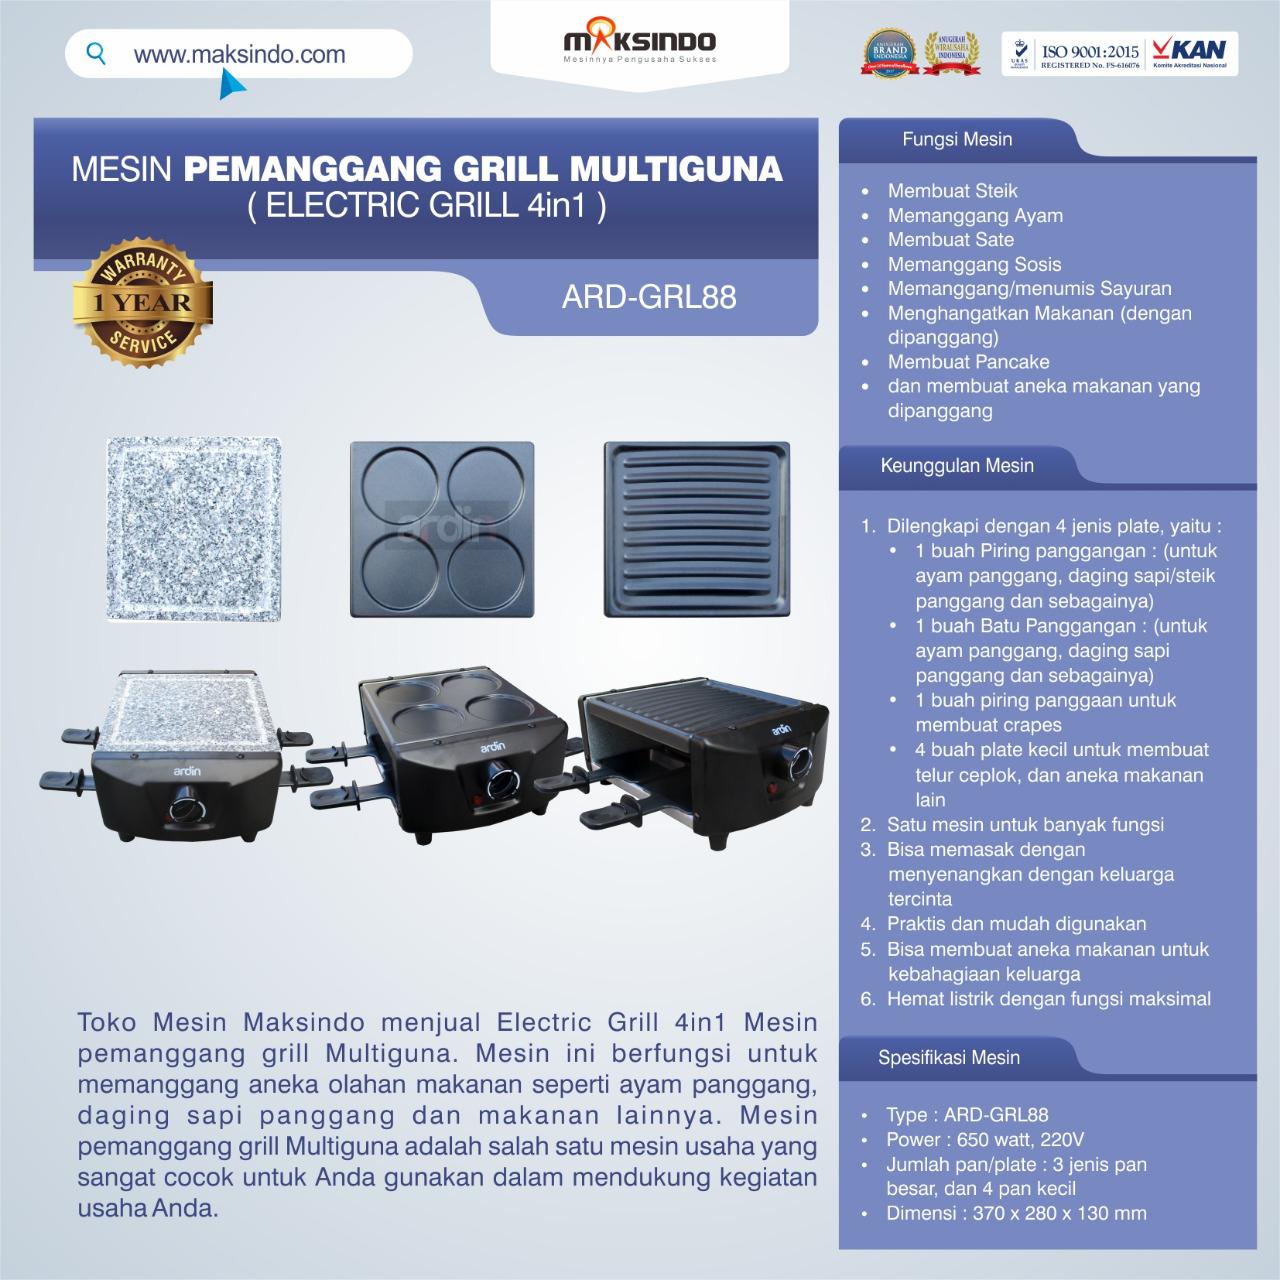 Jual Mesin Pemanggang Grill Multiguna (Electric Grill 4in1) ARD-GRL88 Di Bekasi